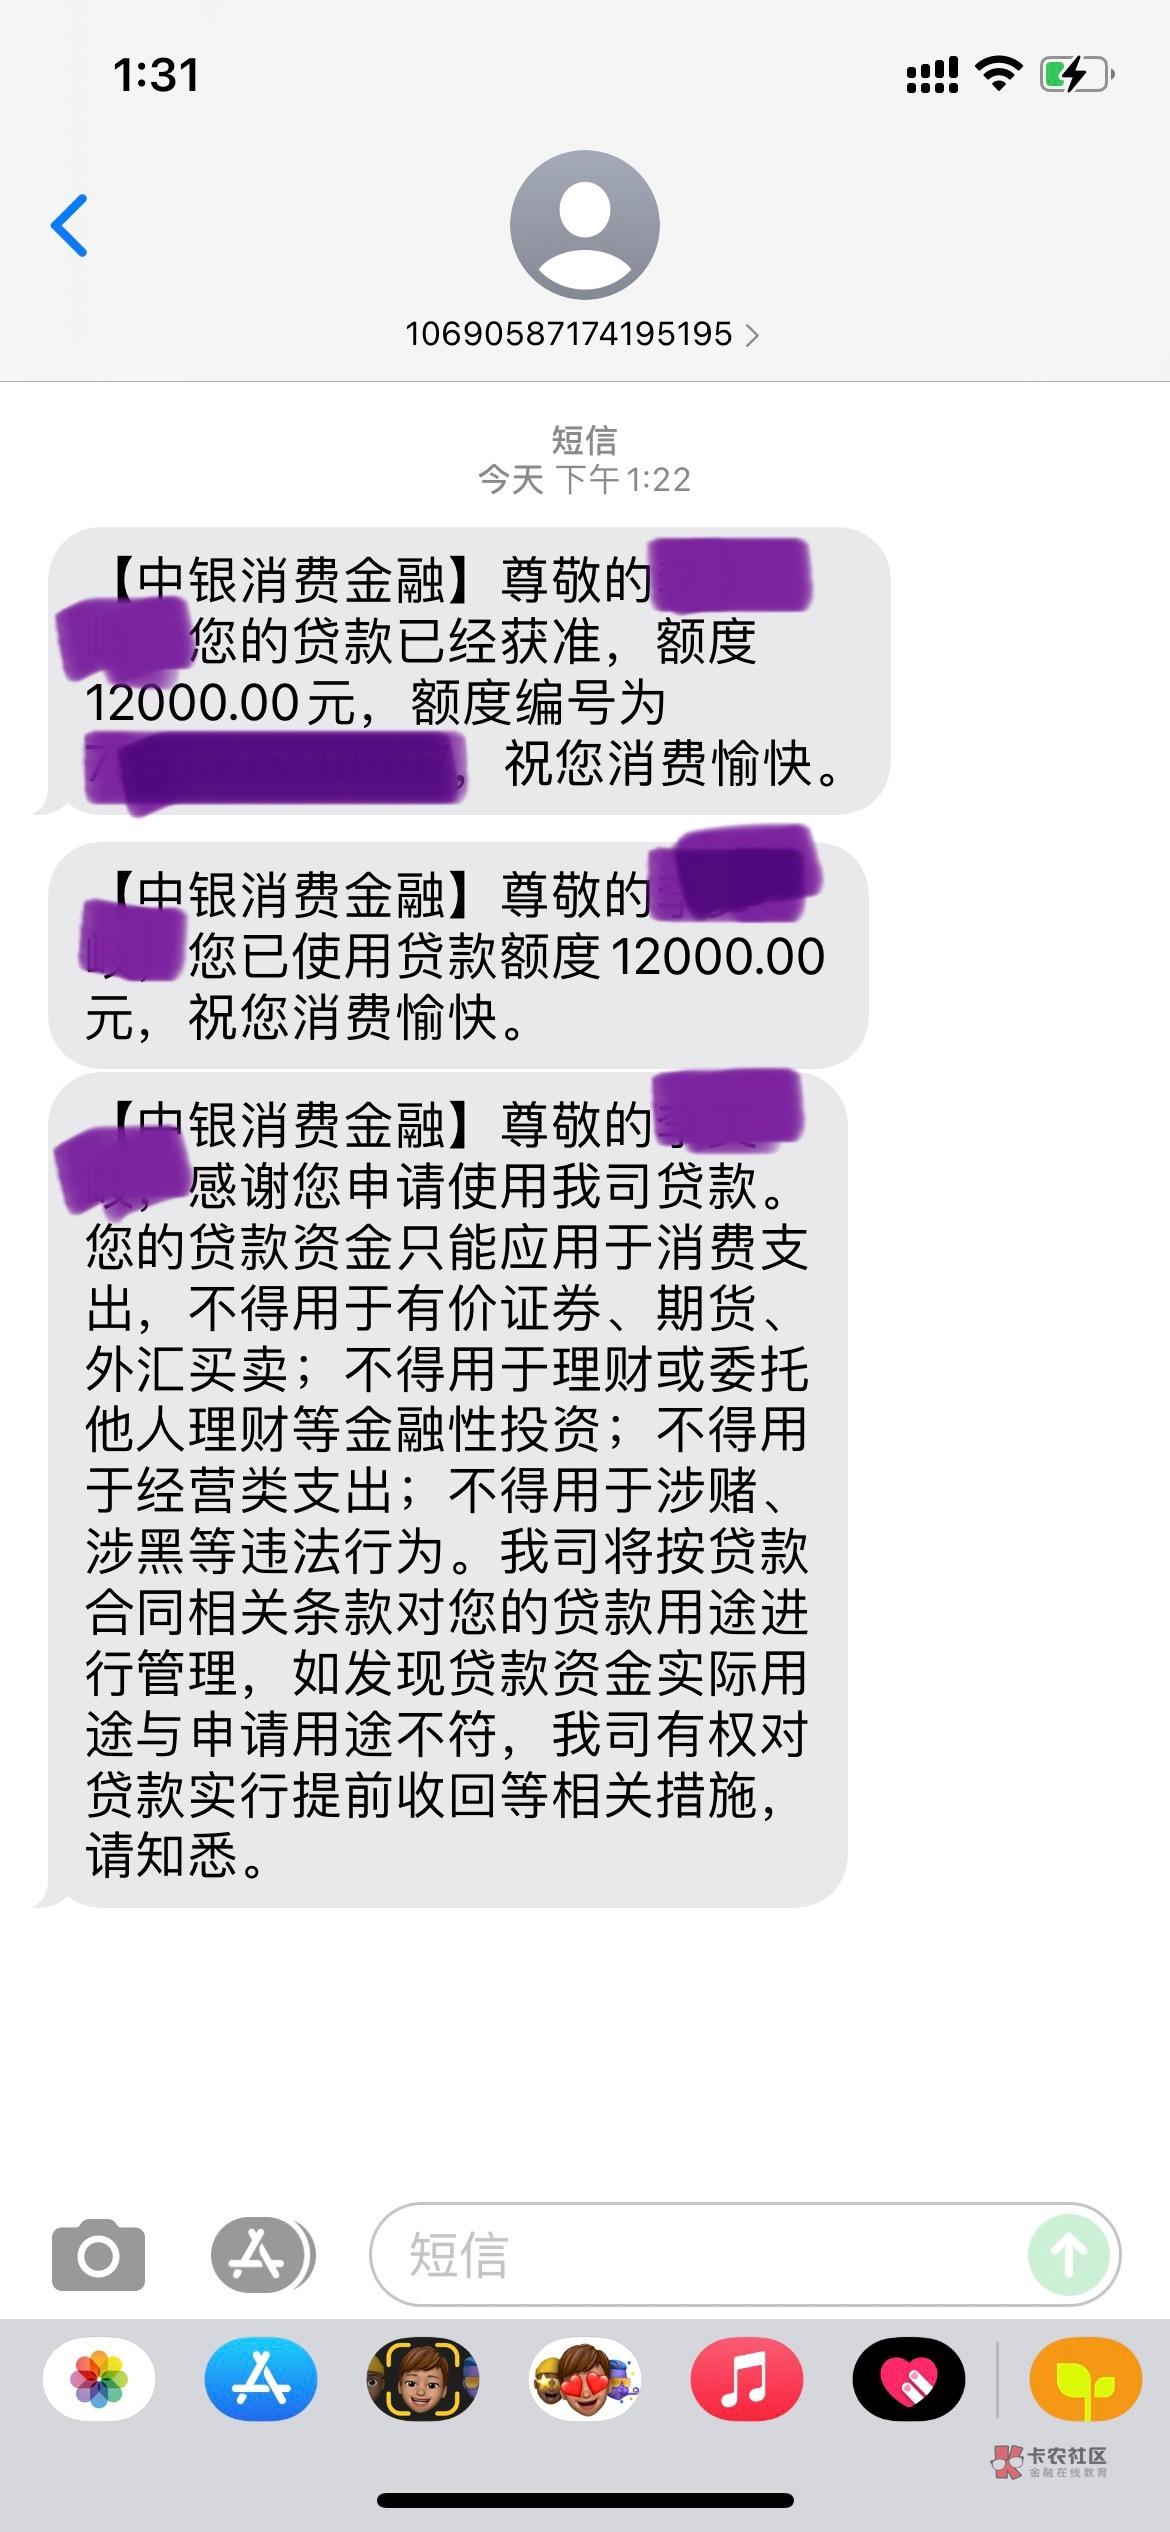 中银在放水吗,本想申请信用卡,推荐了好客贷下款了95 / 作者:李染 /